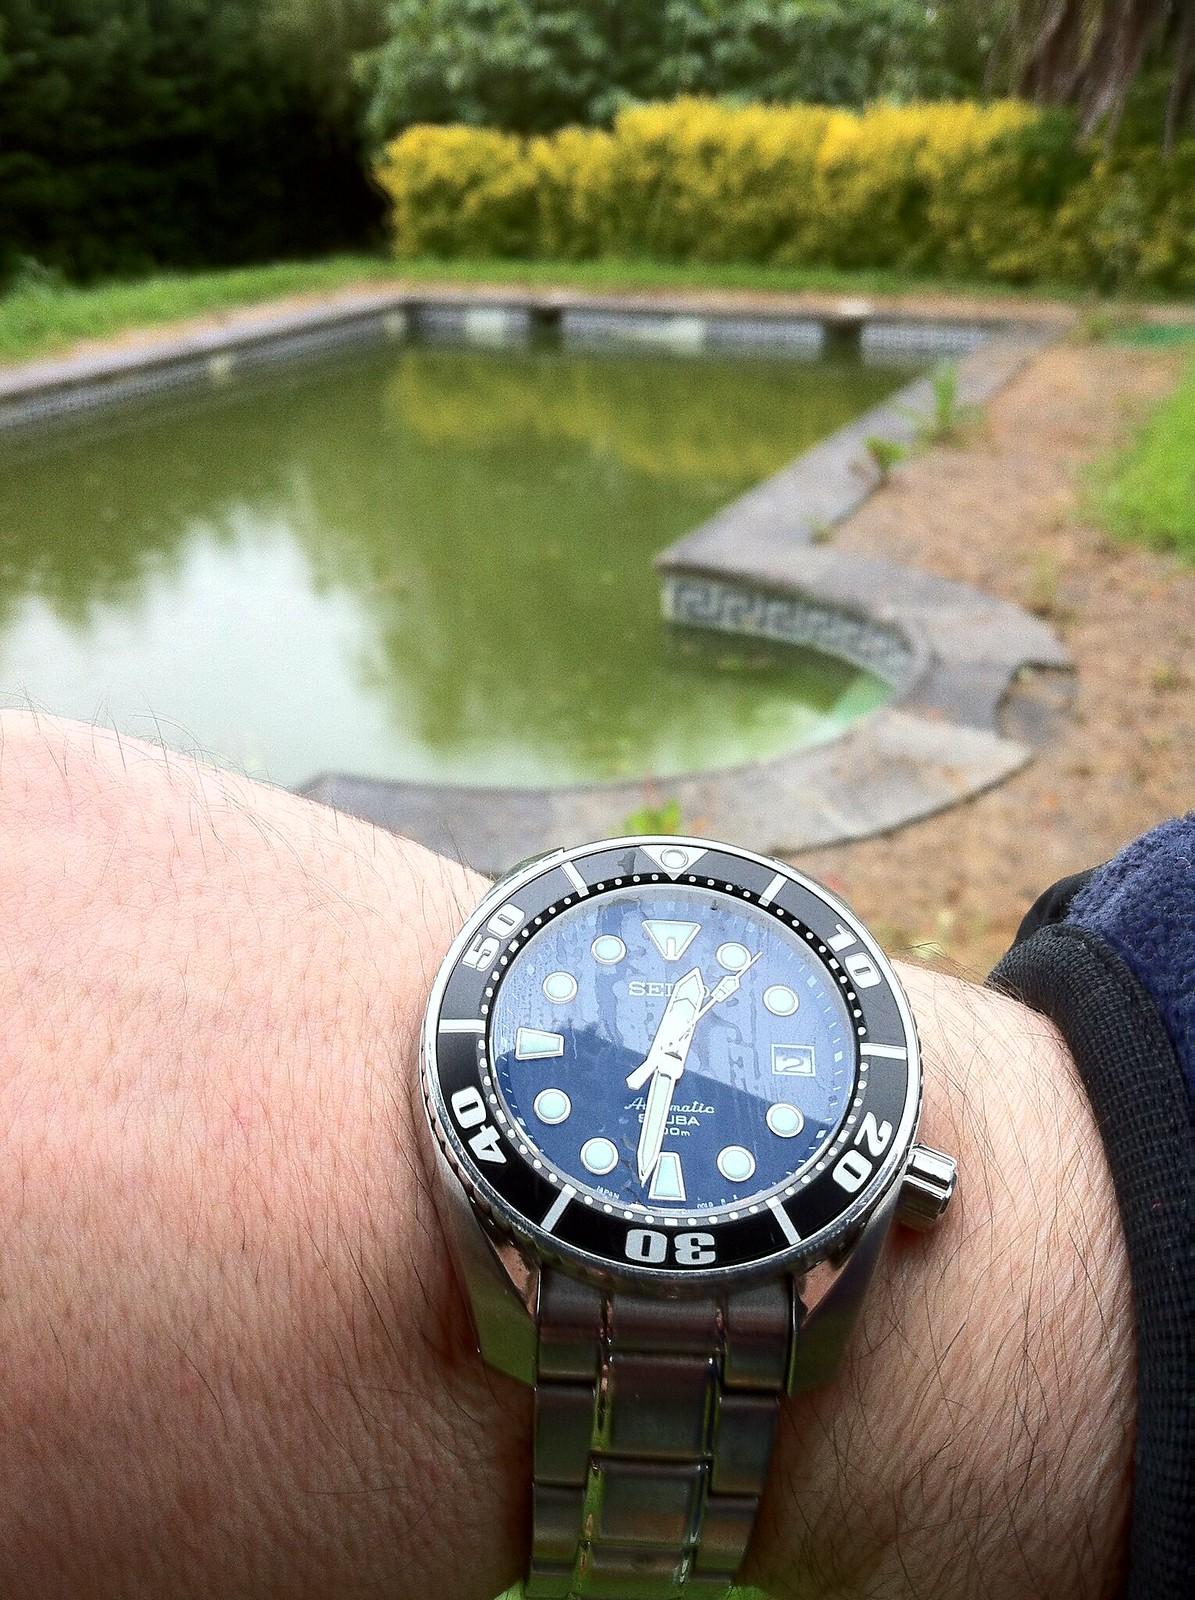 Relojes y piscinas foro general for Reloj piscina